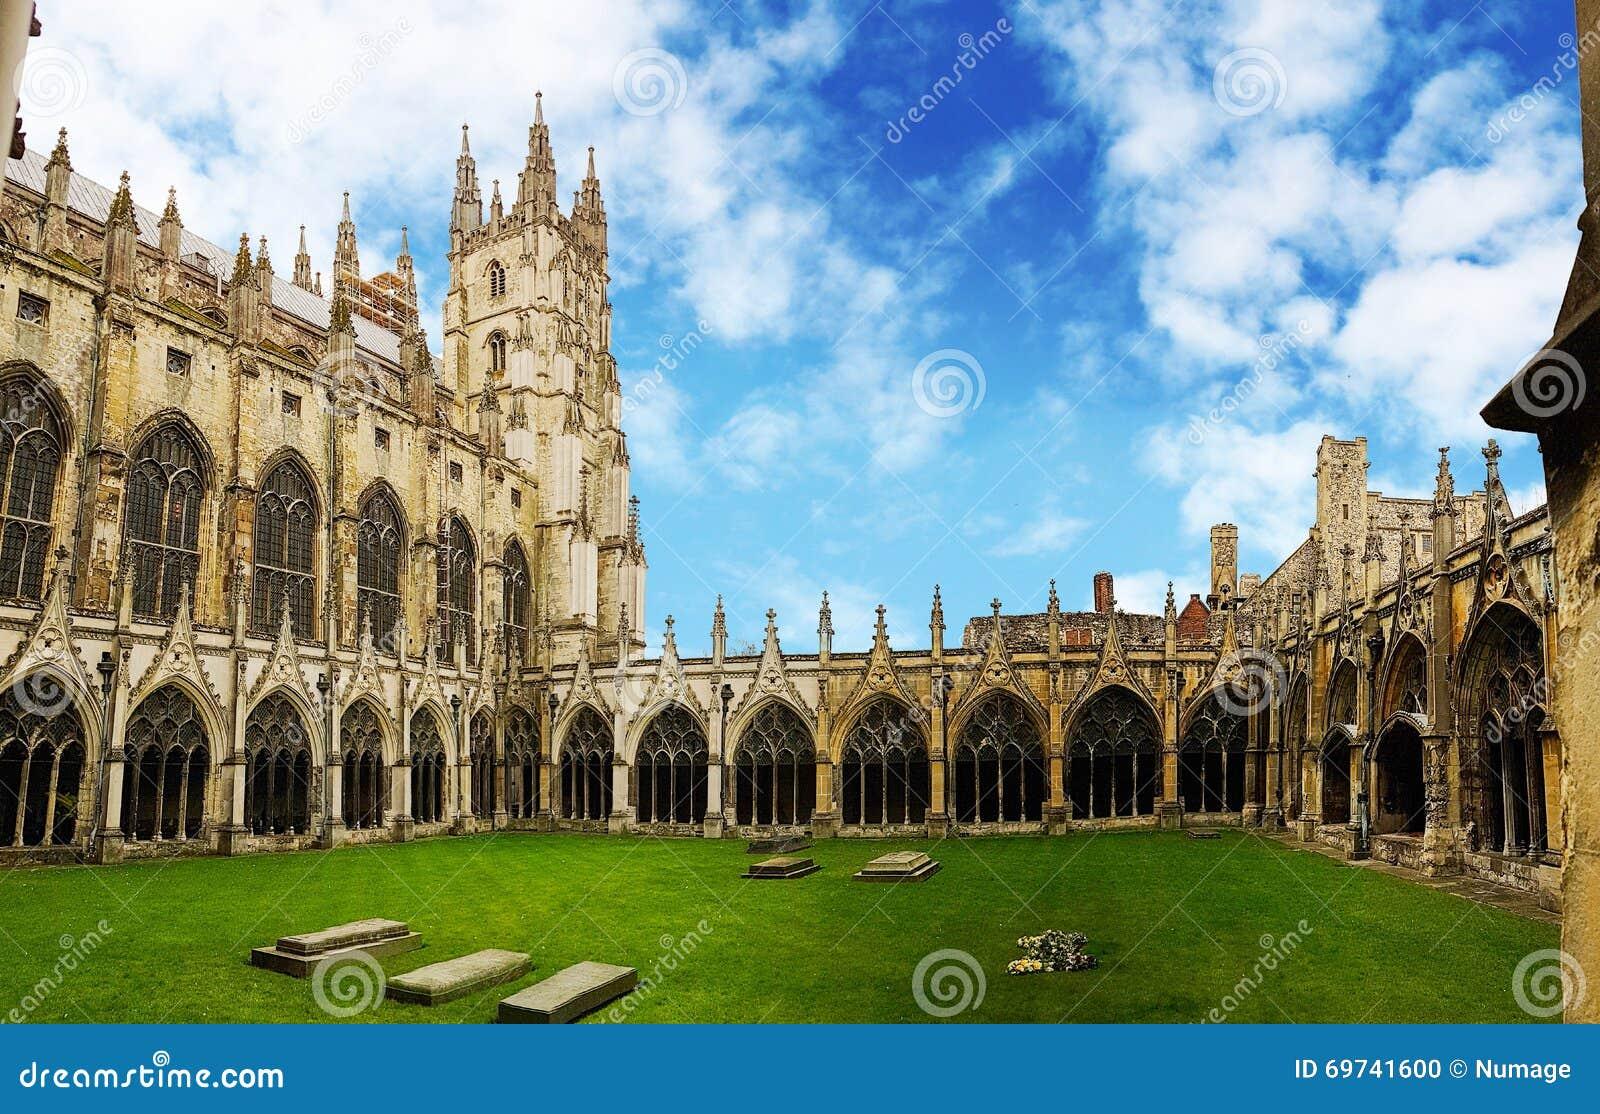 Convento della cattedrale di Canterbury, Risonanza, Regno Unito